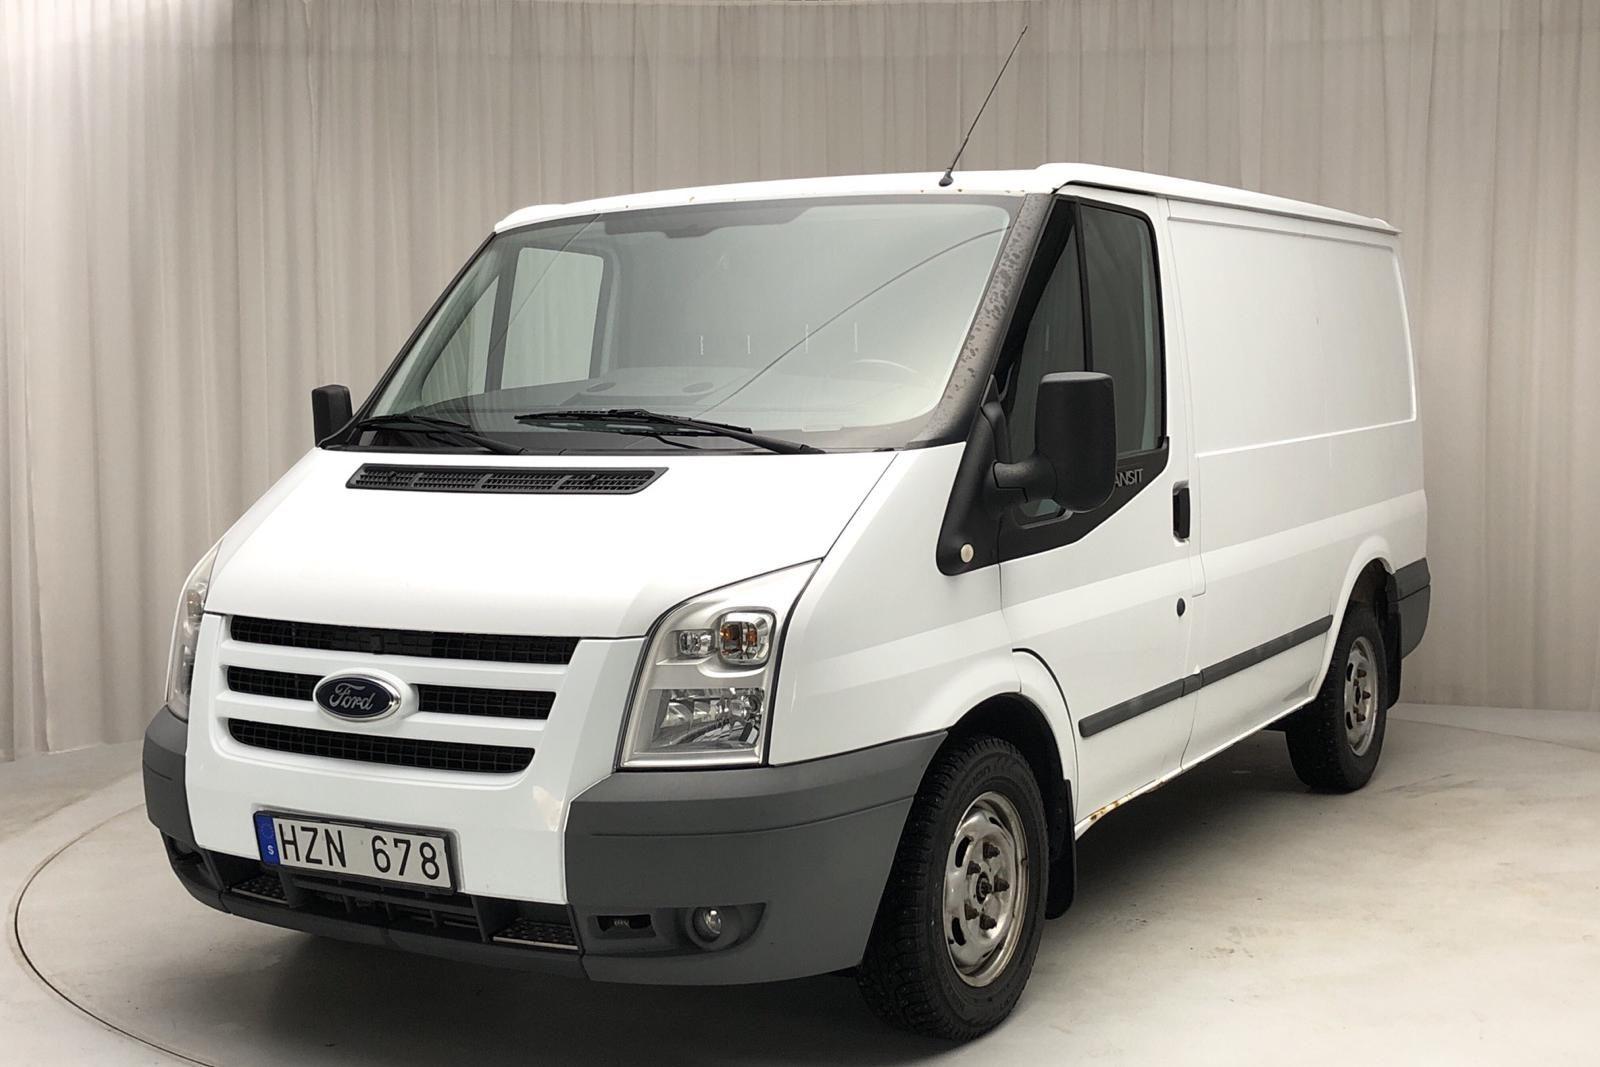 Ford Transporter 260 2.2 TDCi Skåp (85hk)